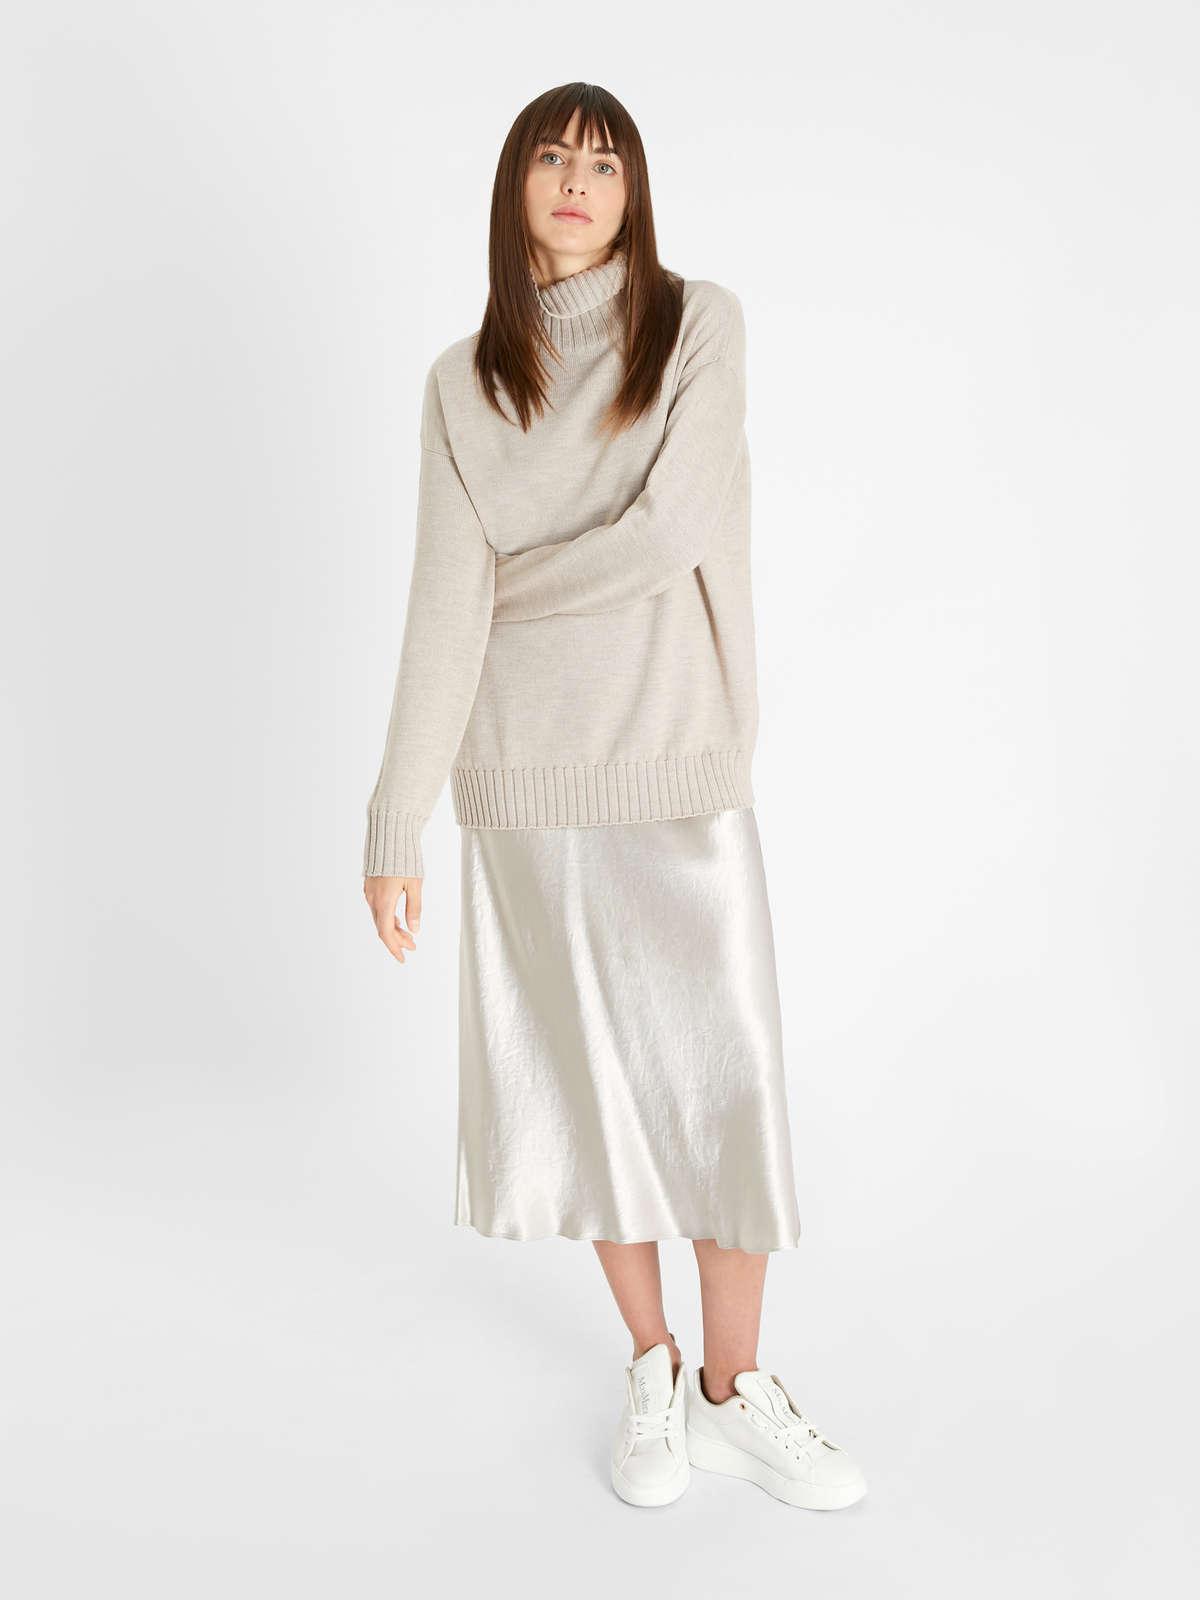 La jupe en satin est de retour cet automne et vous devez probablement déjà savoir comment la porter